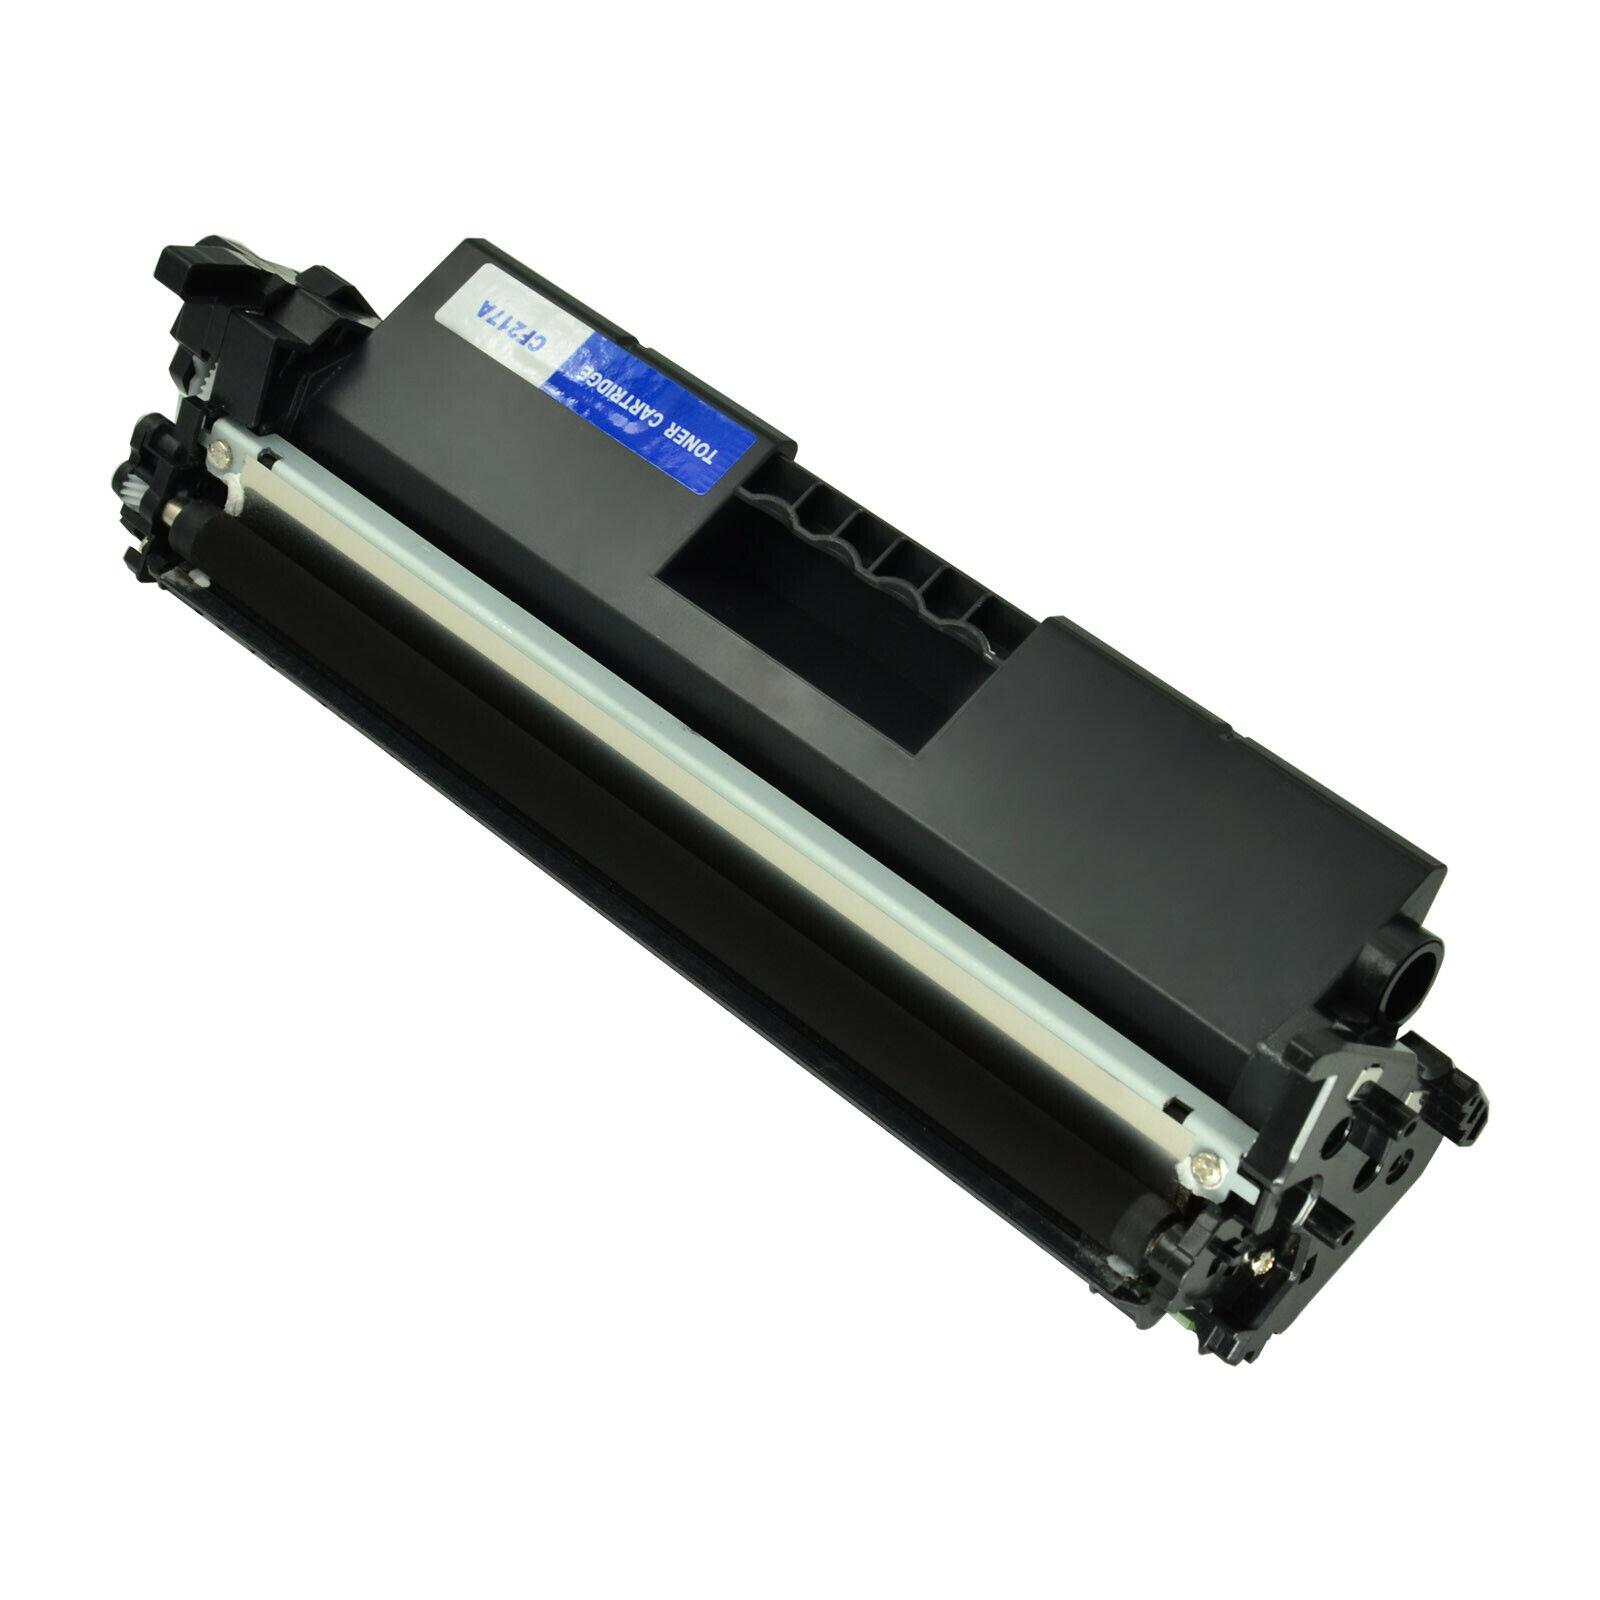 Details about CF217A 17A Toner CF219A 19A Drum Unit W/Chip For HP LaserJet  Pro M102 MFP M130